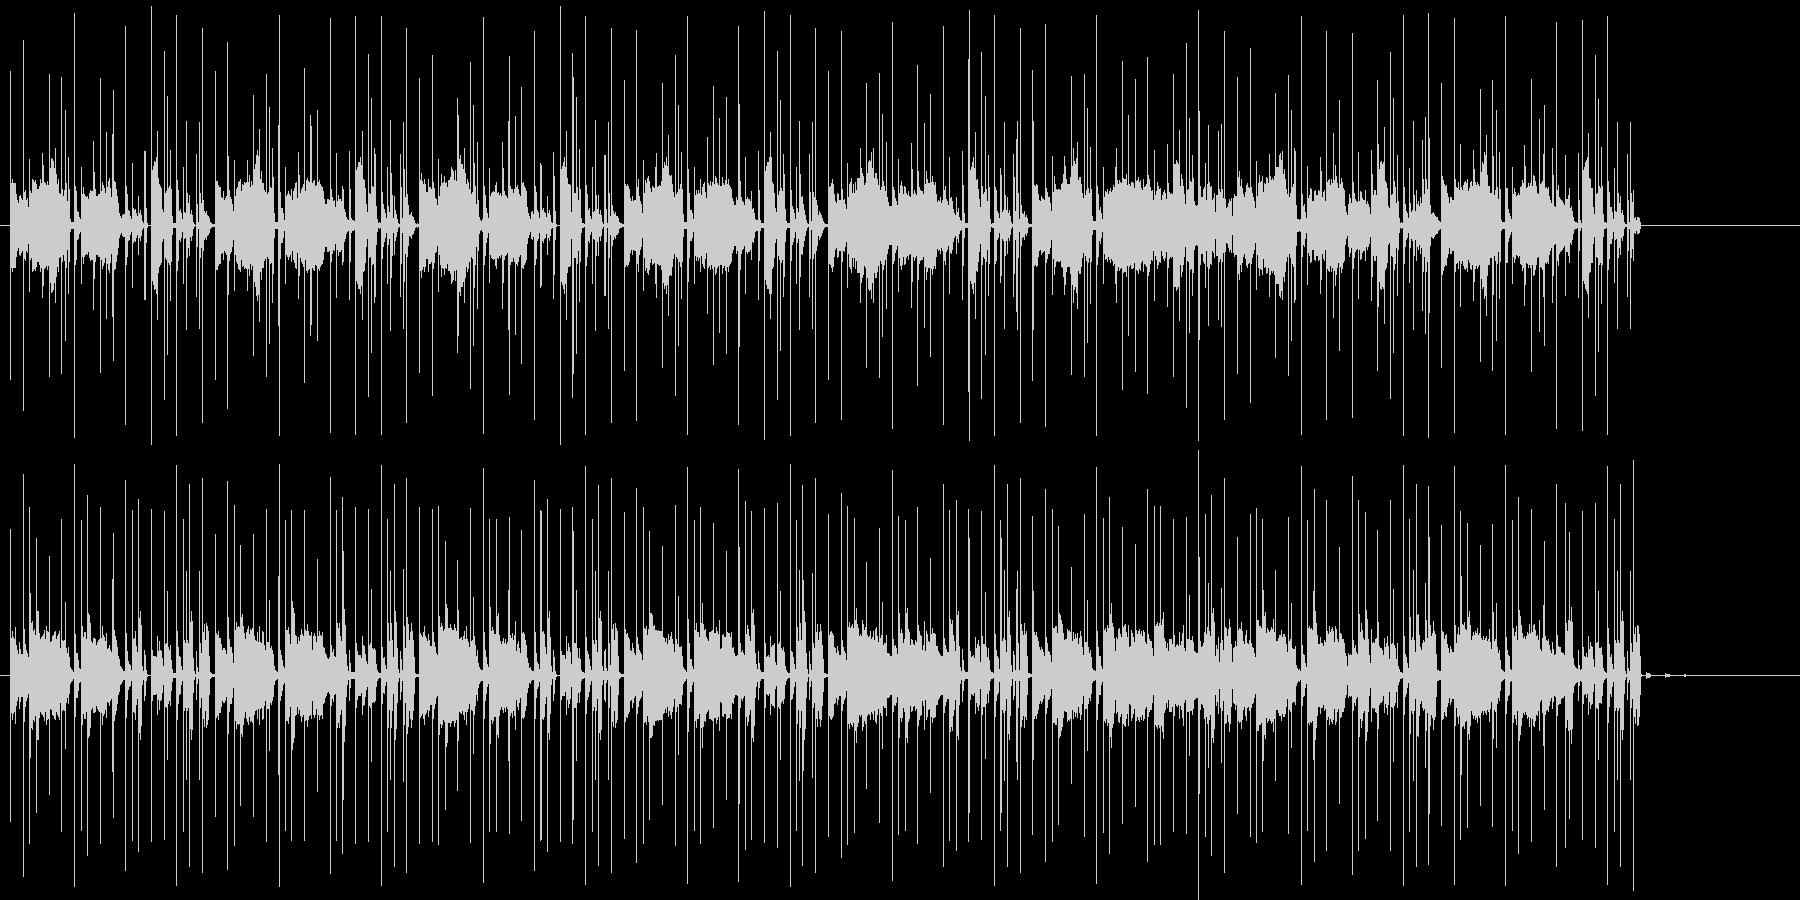 音が動きだすような不安定テクノの未再生の波形